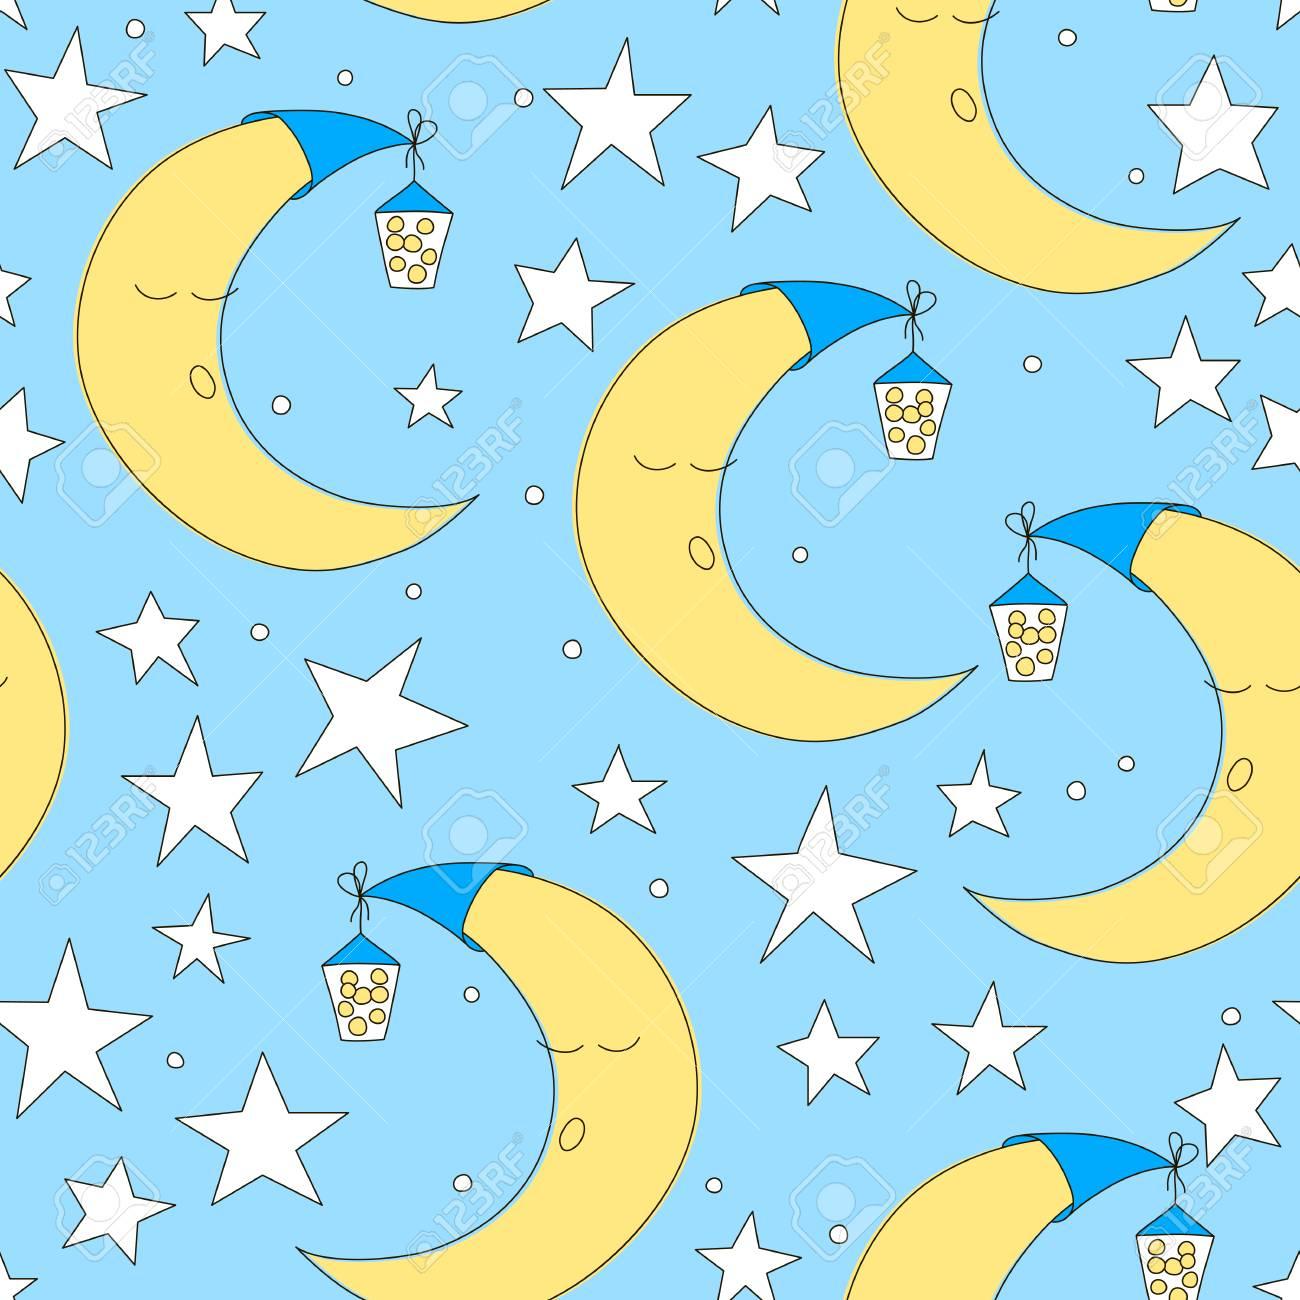 シームレスな月と星のパターンはベクトル イラストです かわいい